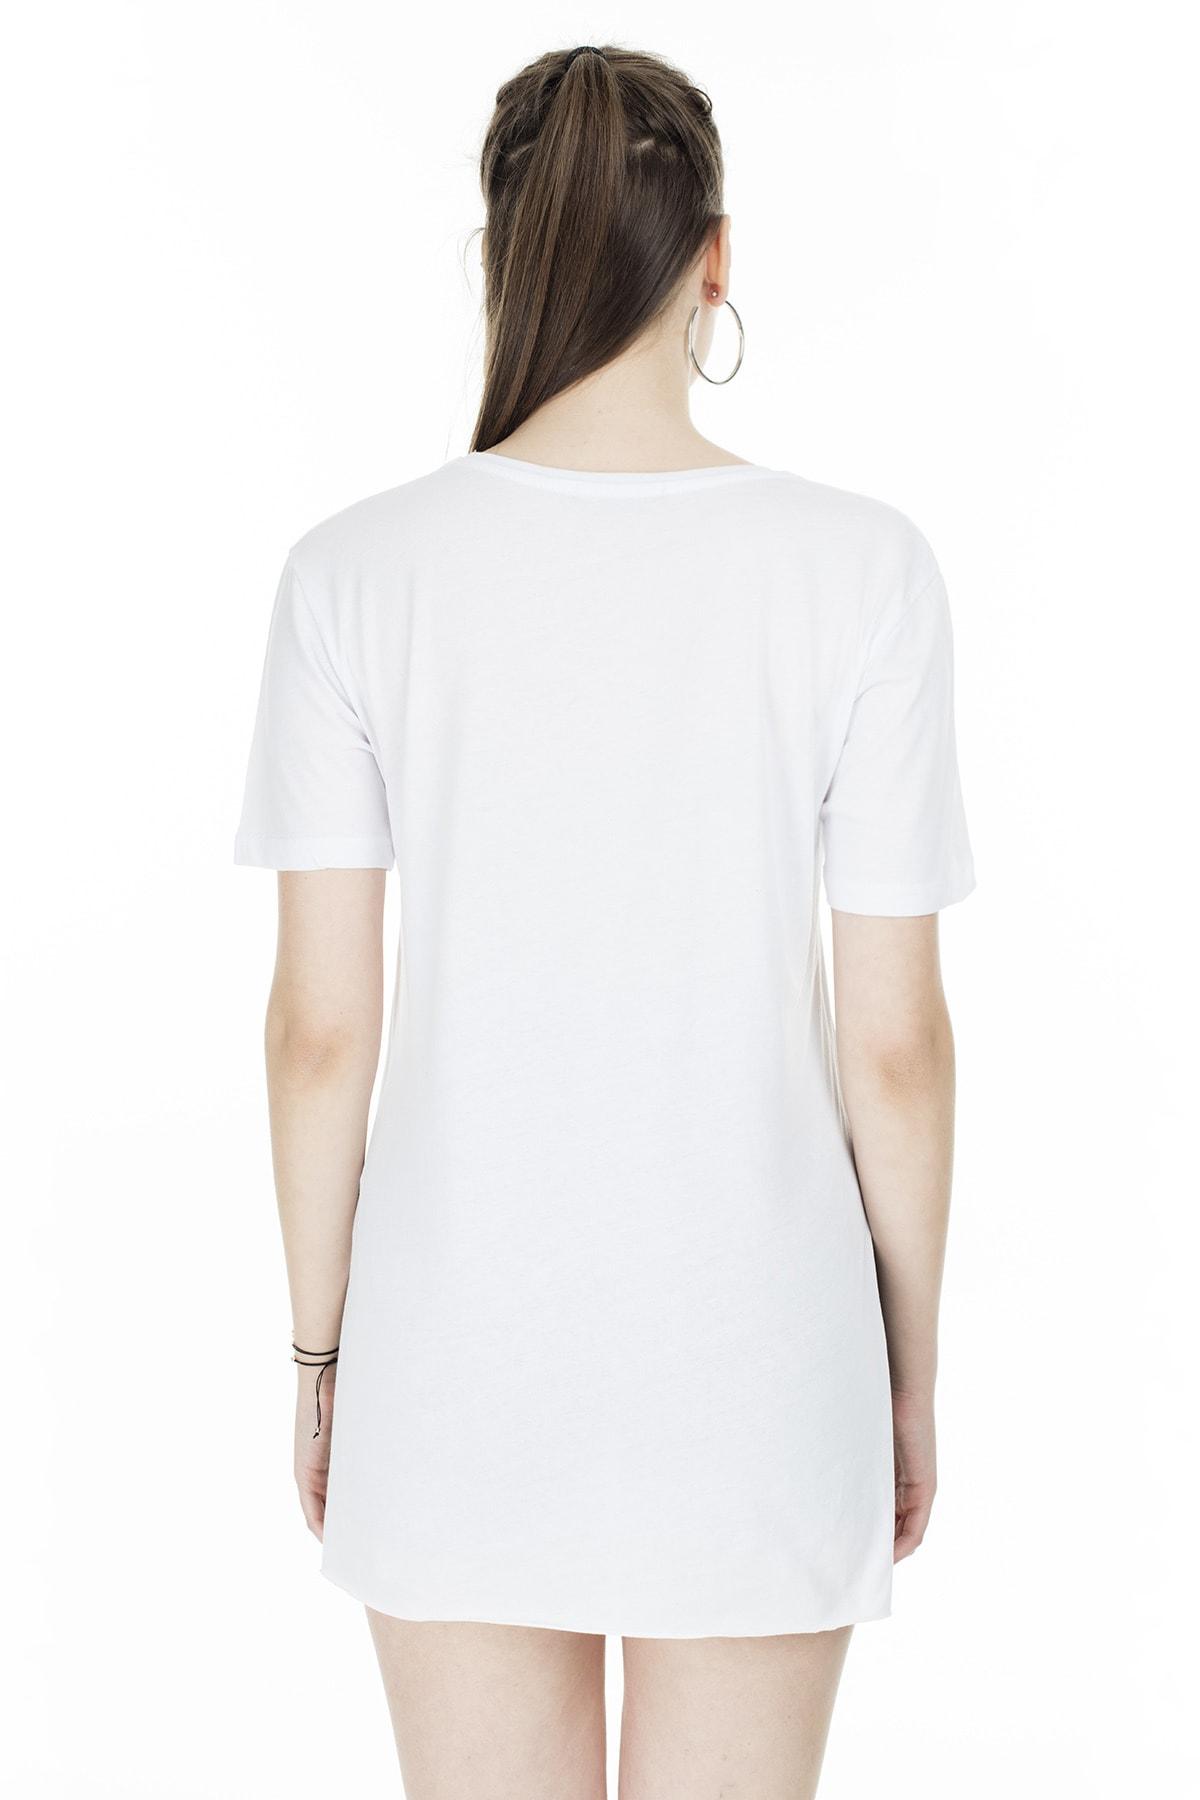 Lela Yırtmaç Detaylı V Yaka T Shirt KADIN T SHİRT 5411062H 1